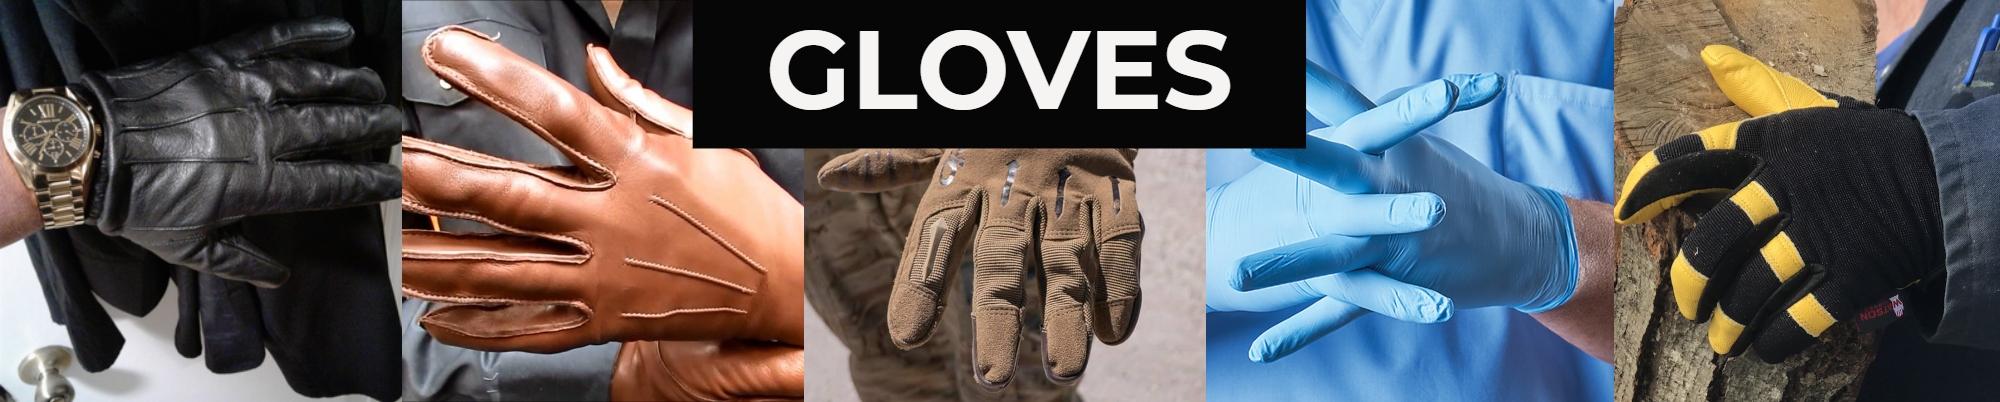 glovesformenu1140504.jpg